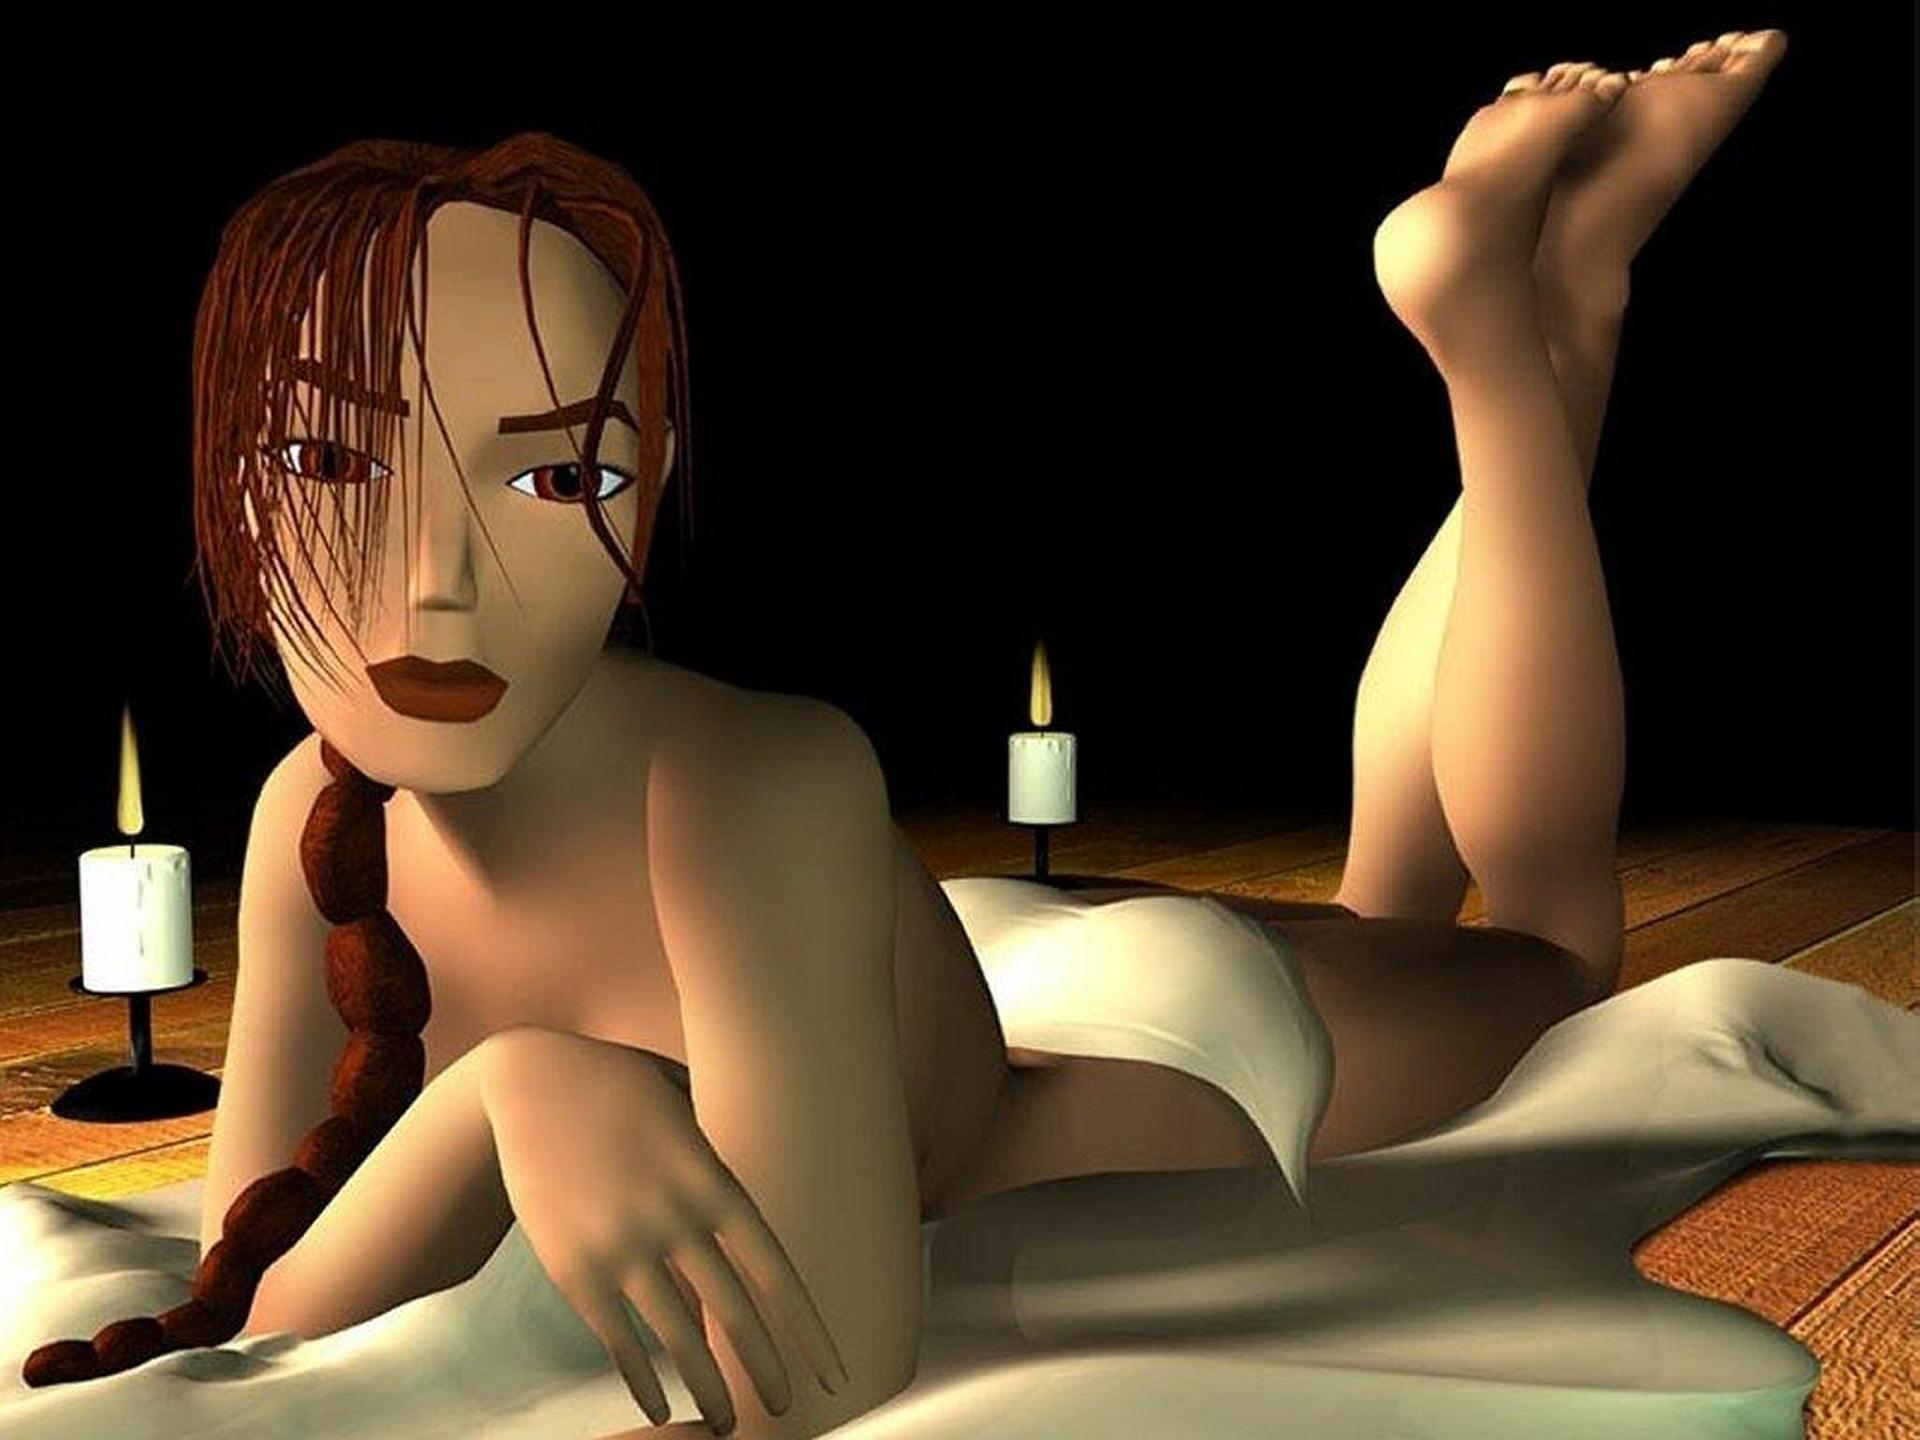 No, al 100% non si sbloccano foto osè di Lara